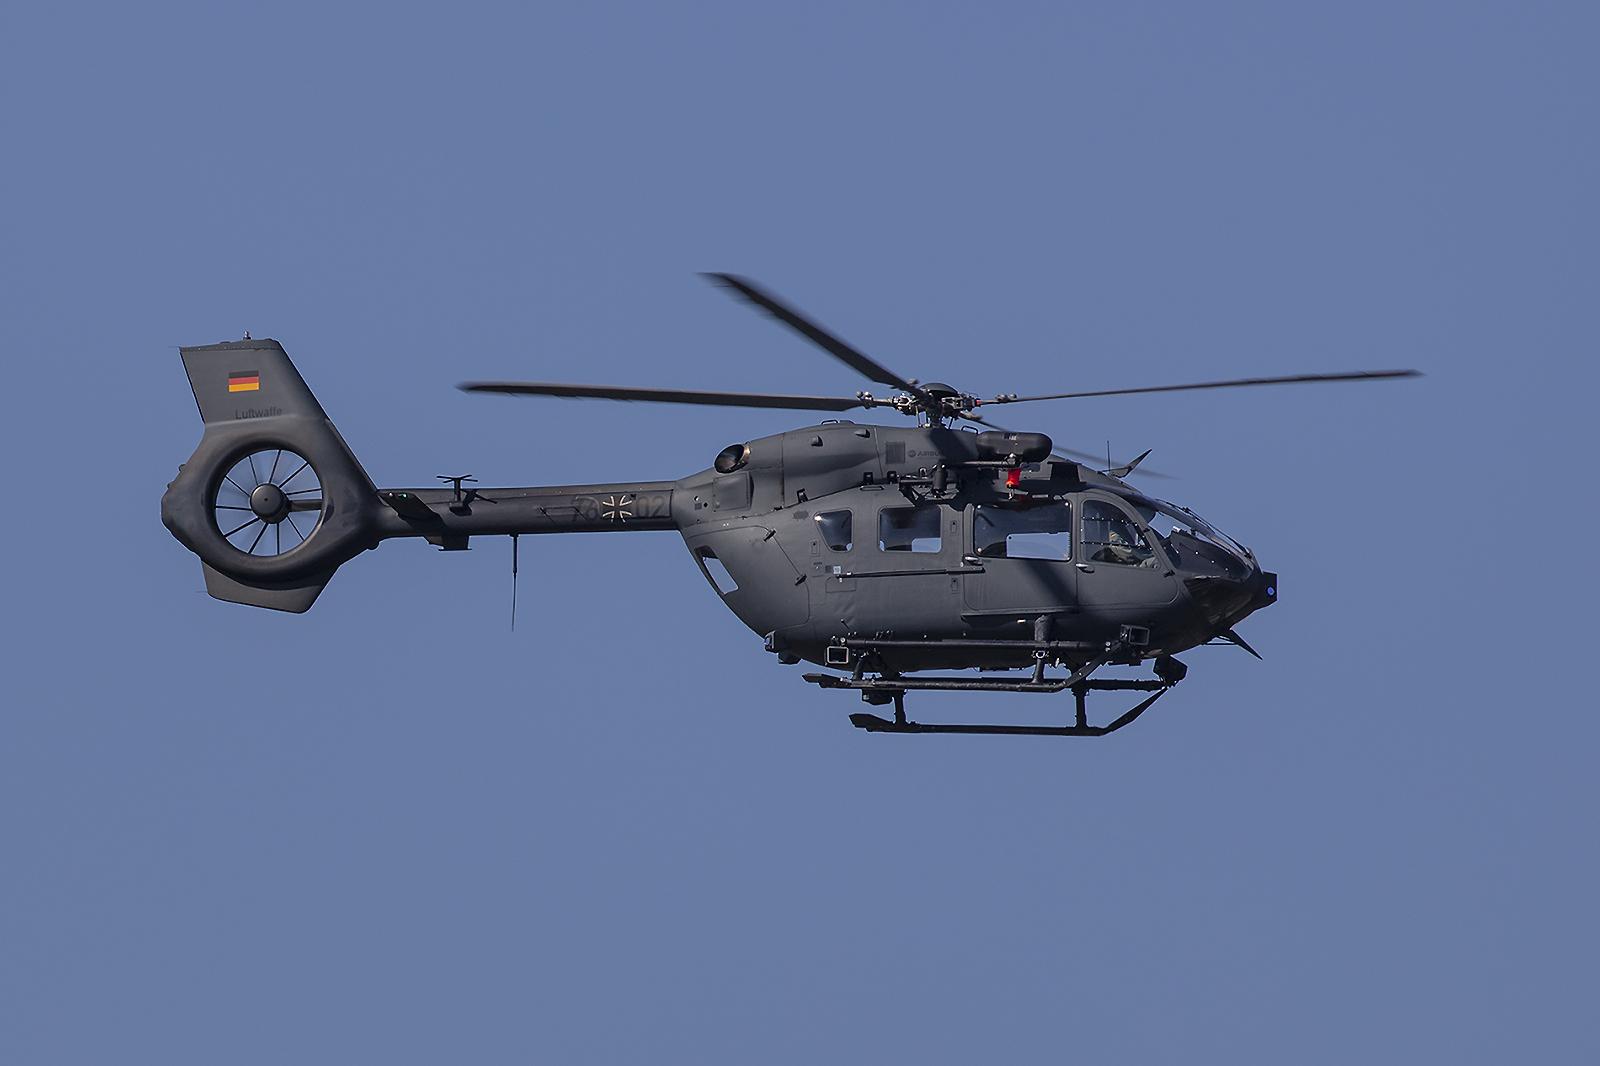 H-145M der Luftwaffe aus Laupheim